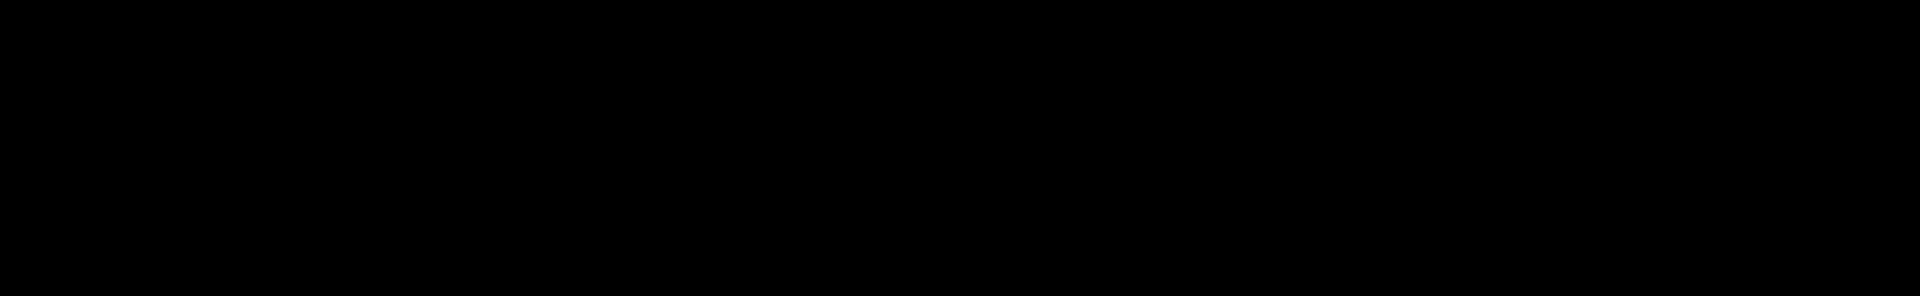 Omer Serif Bilsel